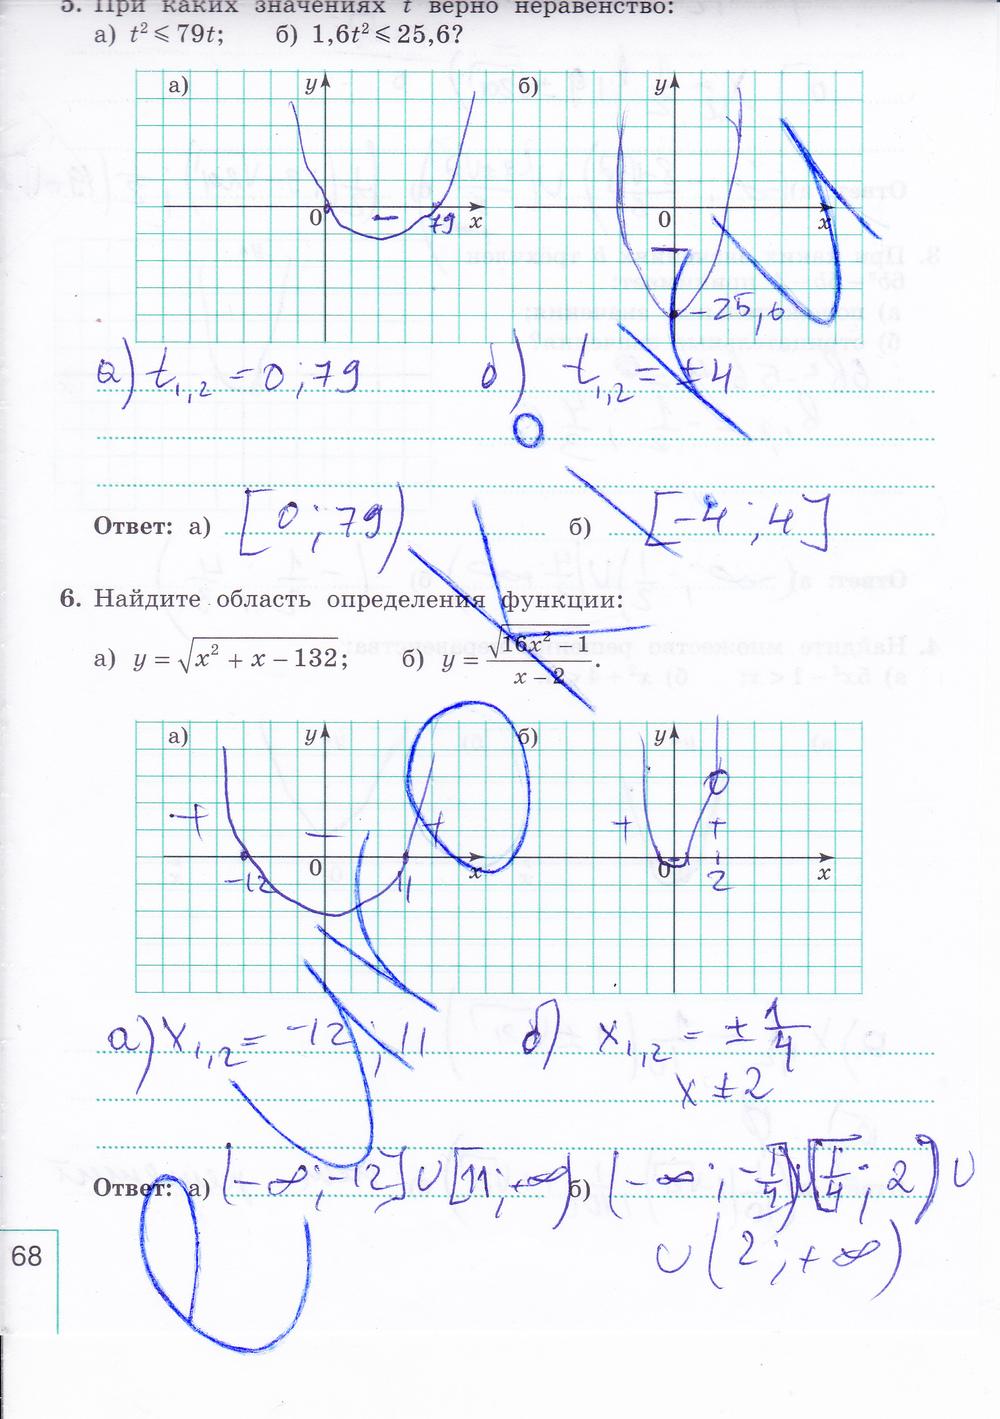 алгебре 9 миндюк рабочая гдз часть класс шлыкова 2 часть 2 по тетрадь